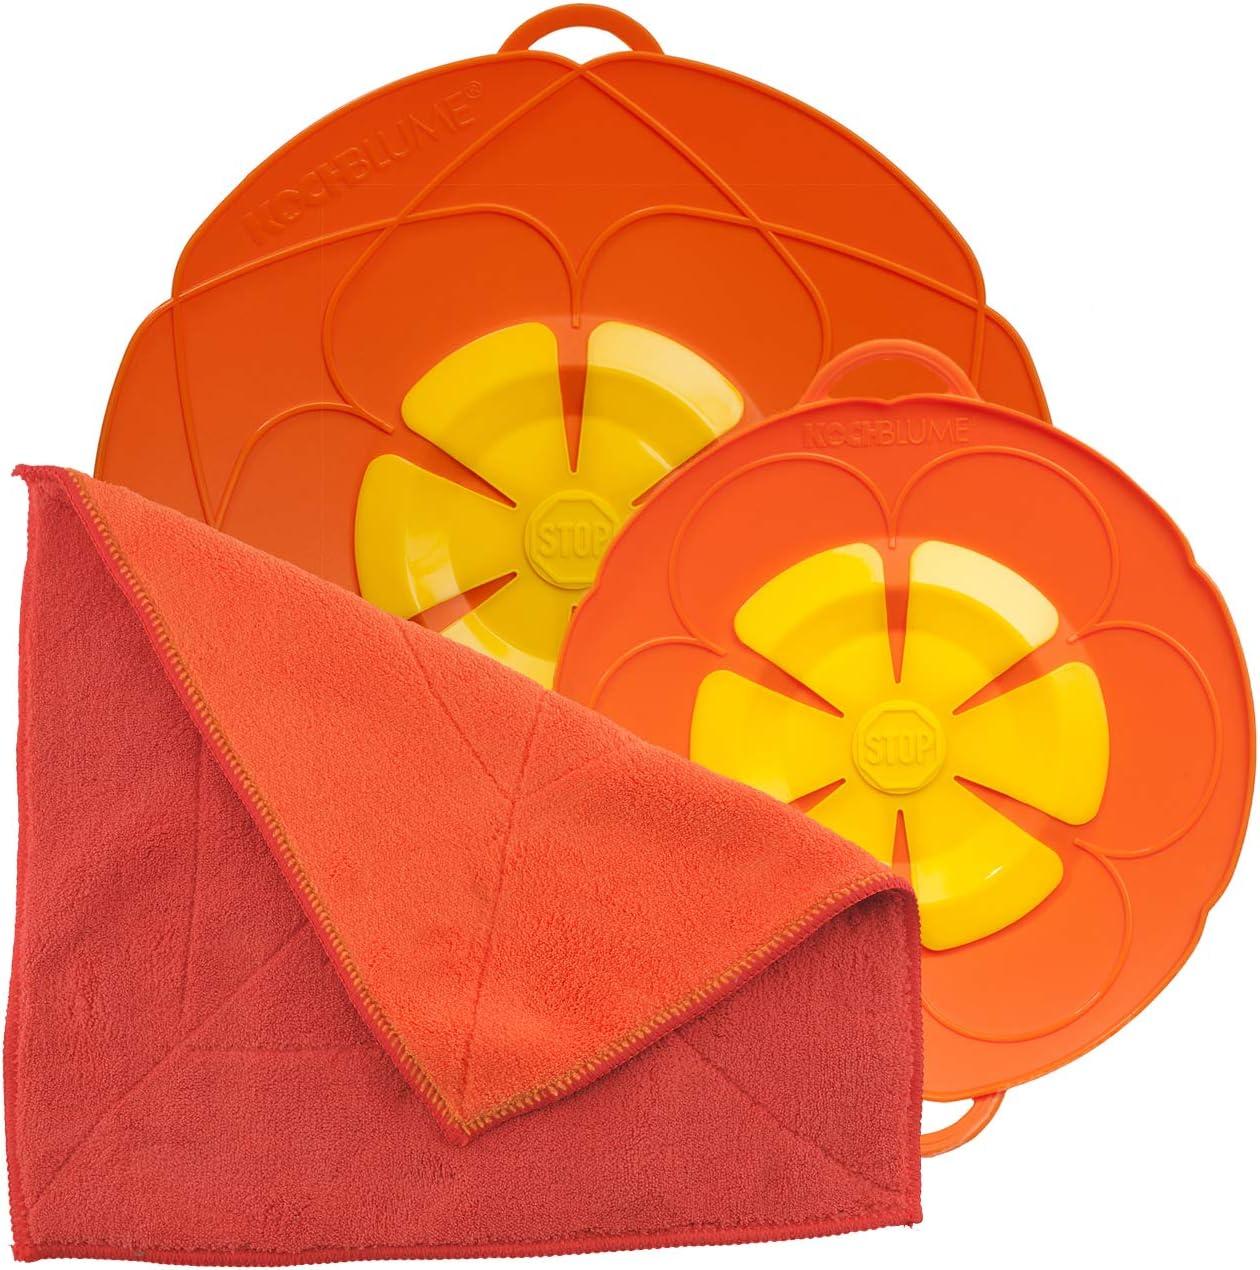 Silikon /Überkochschutz f/ür T/öpfe und Pfannen Kochblume Spar-Set f/ür T/öpfe von 14 bis 24 cm mit Microfasertuch als Set in der pinken Box hellblau